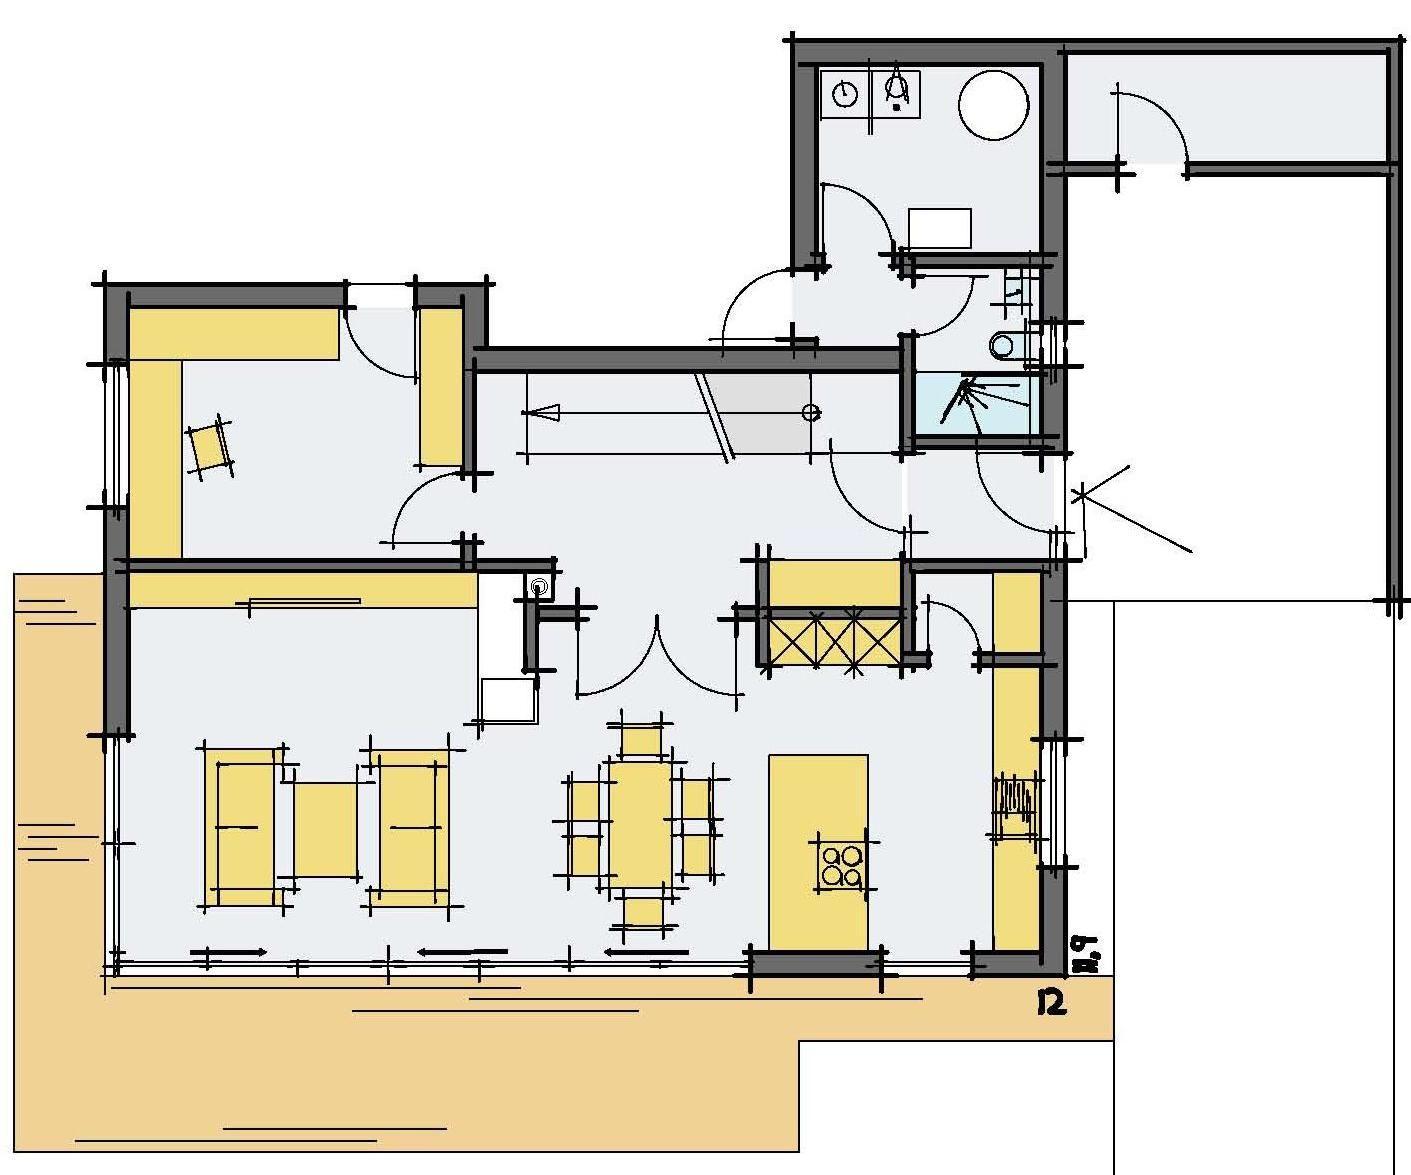 Haus Haug - Eine nahaufnahme von text auf einem weißen hintergrund - Gebäudeplan